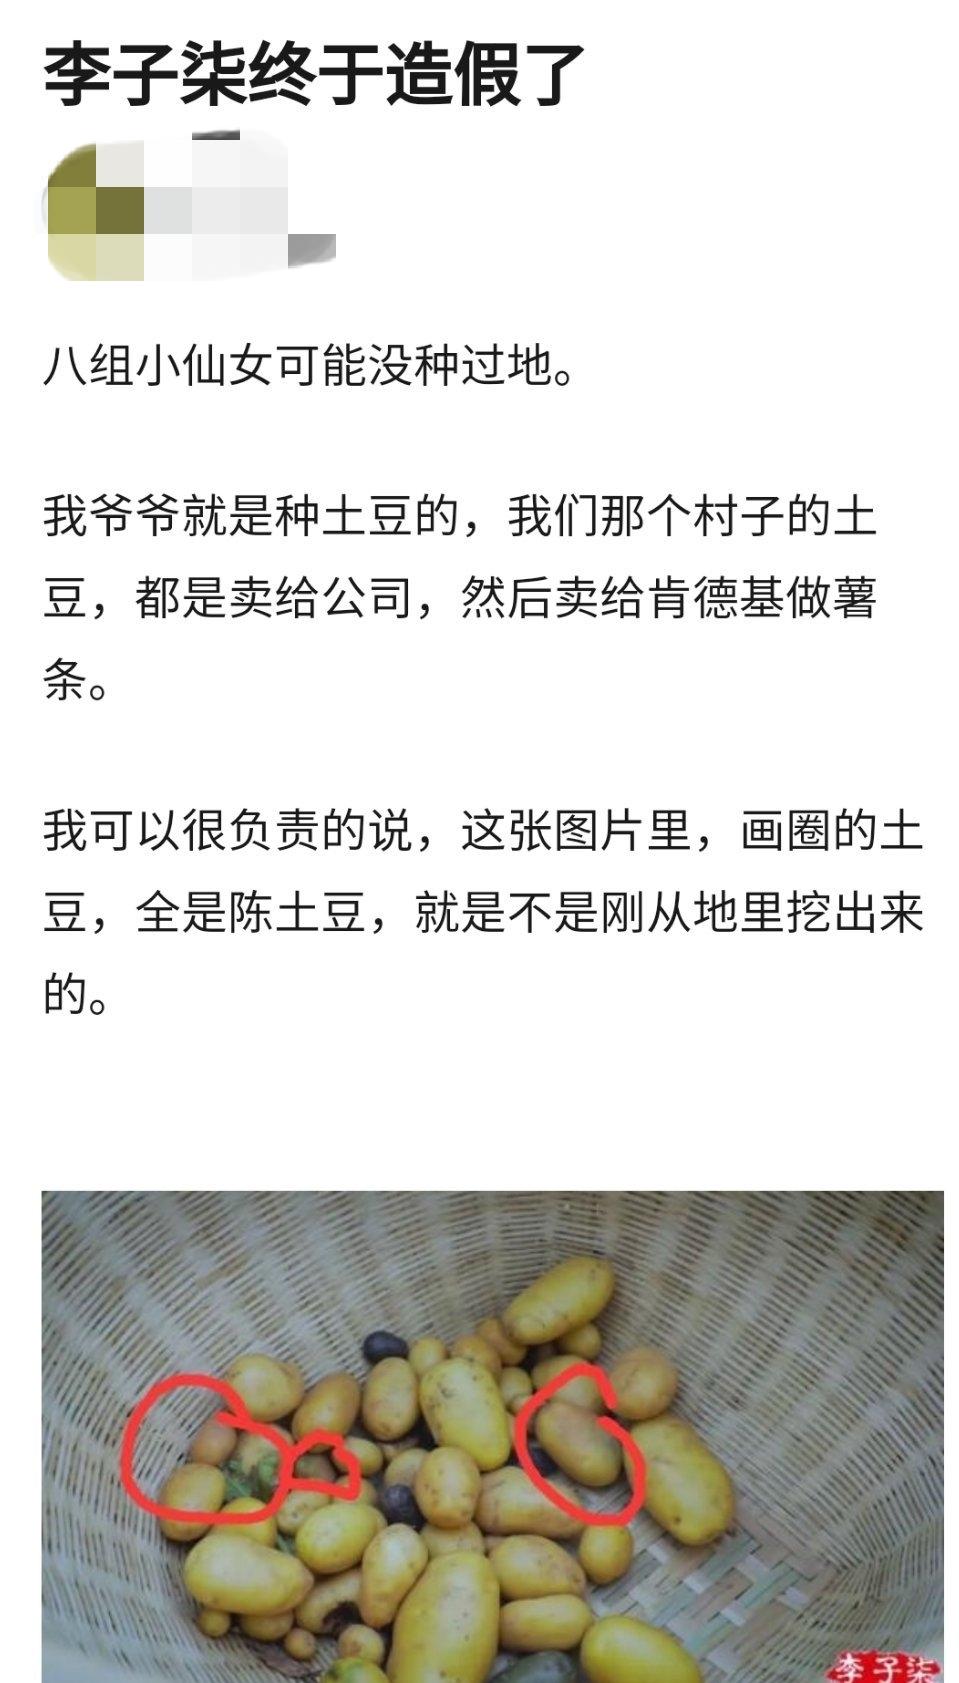 李子柒视频被质疑造假,疑似将土豆埋进土里后再挖出,引发热议